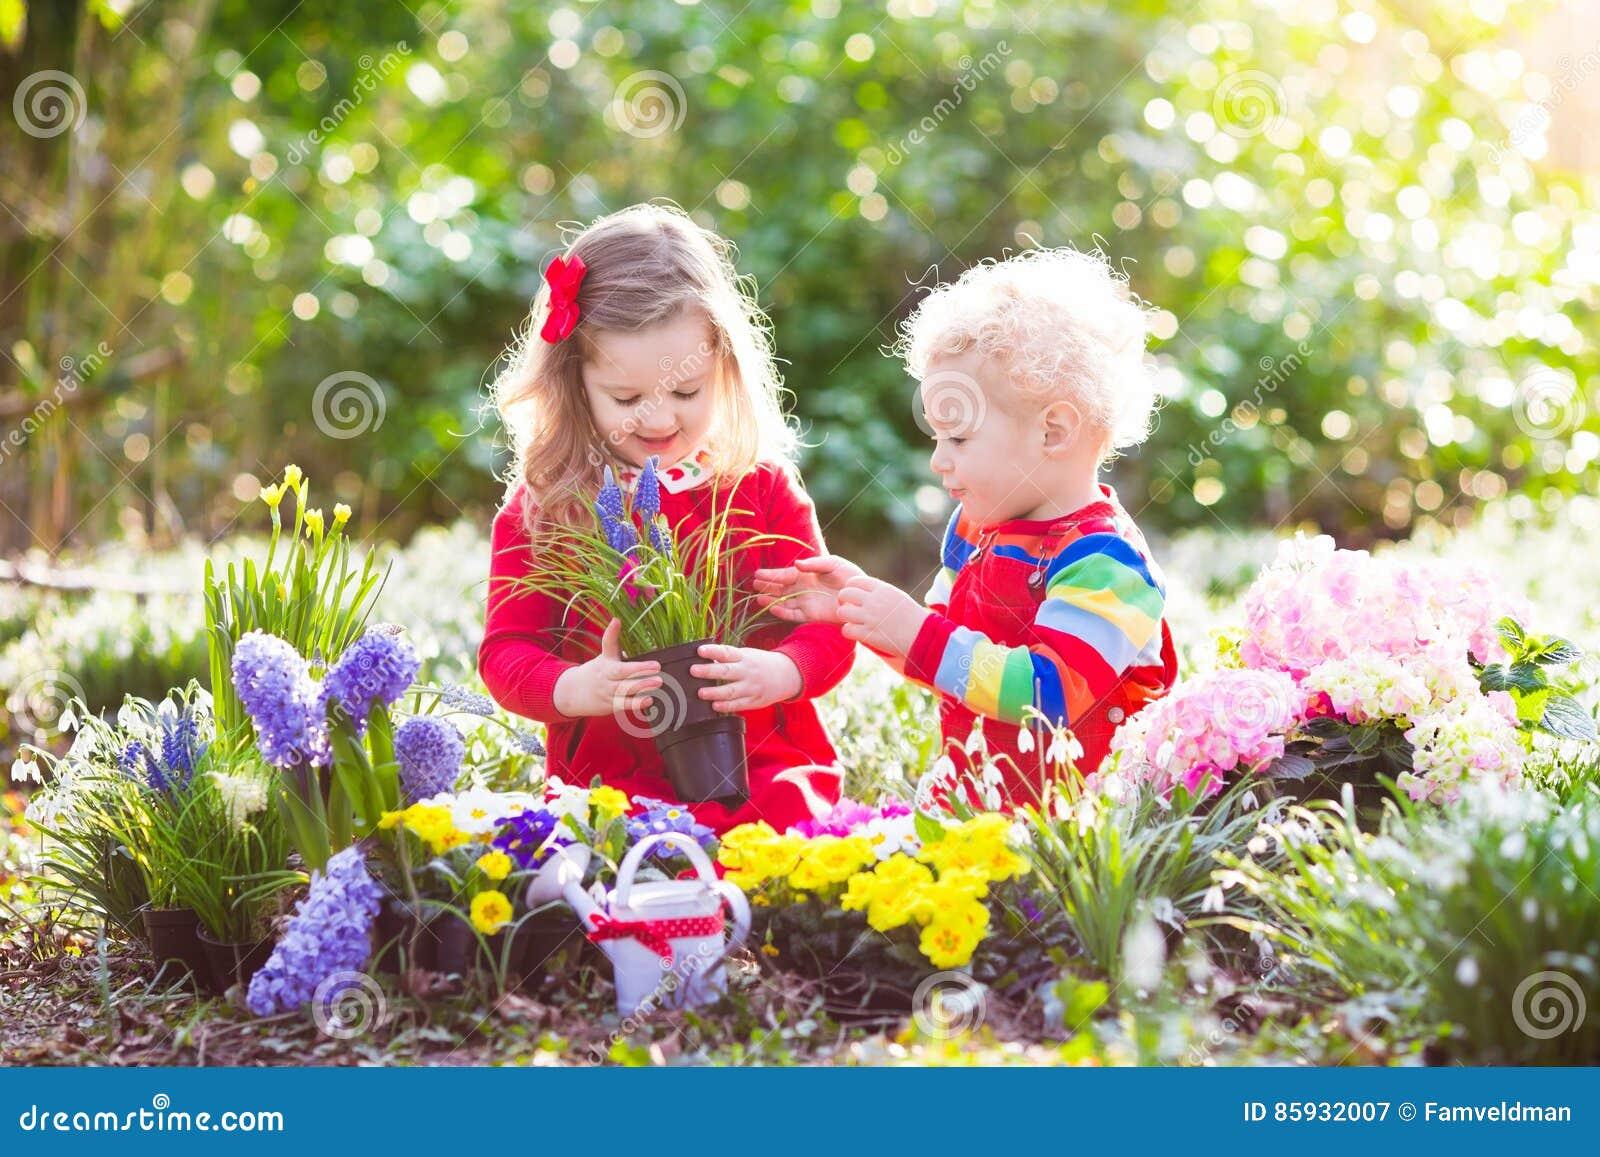 Kinder pflanzen und w ssern garten der blumen im fr hjahr for Garten pflanzen blumen